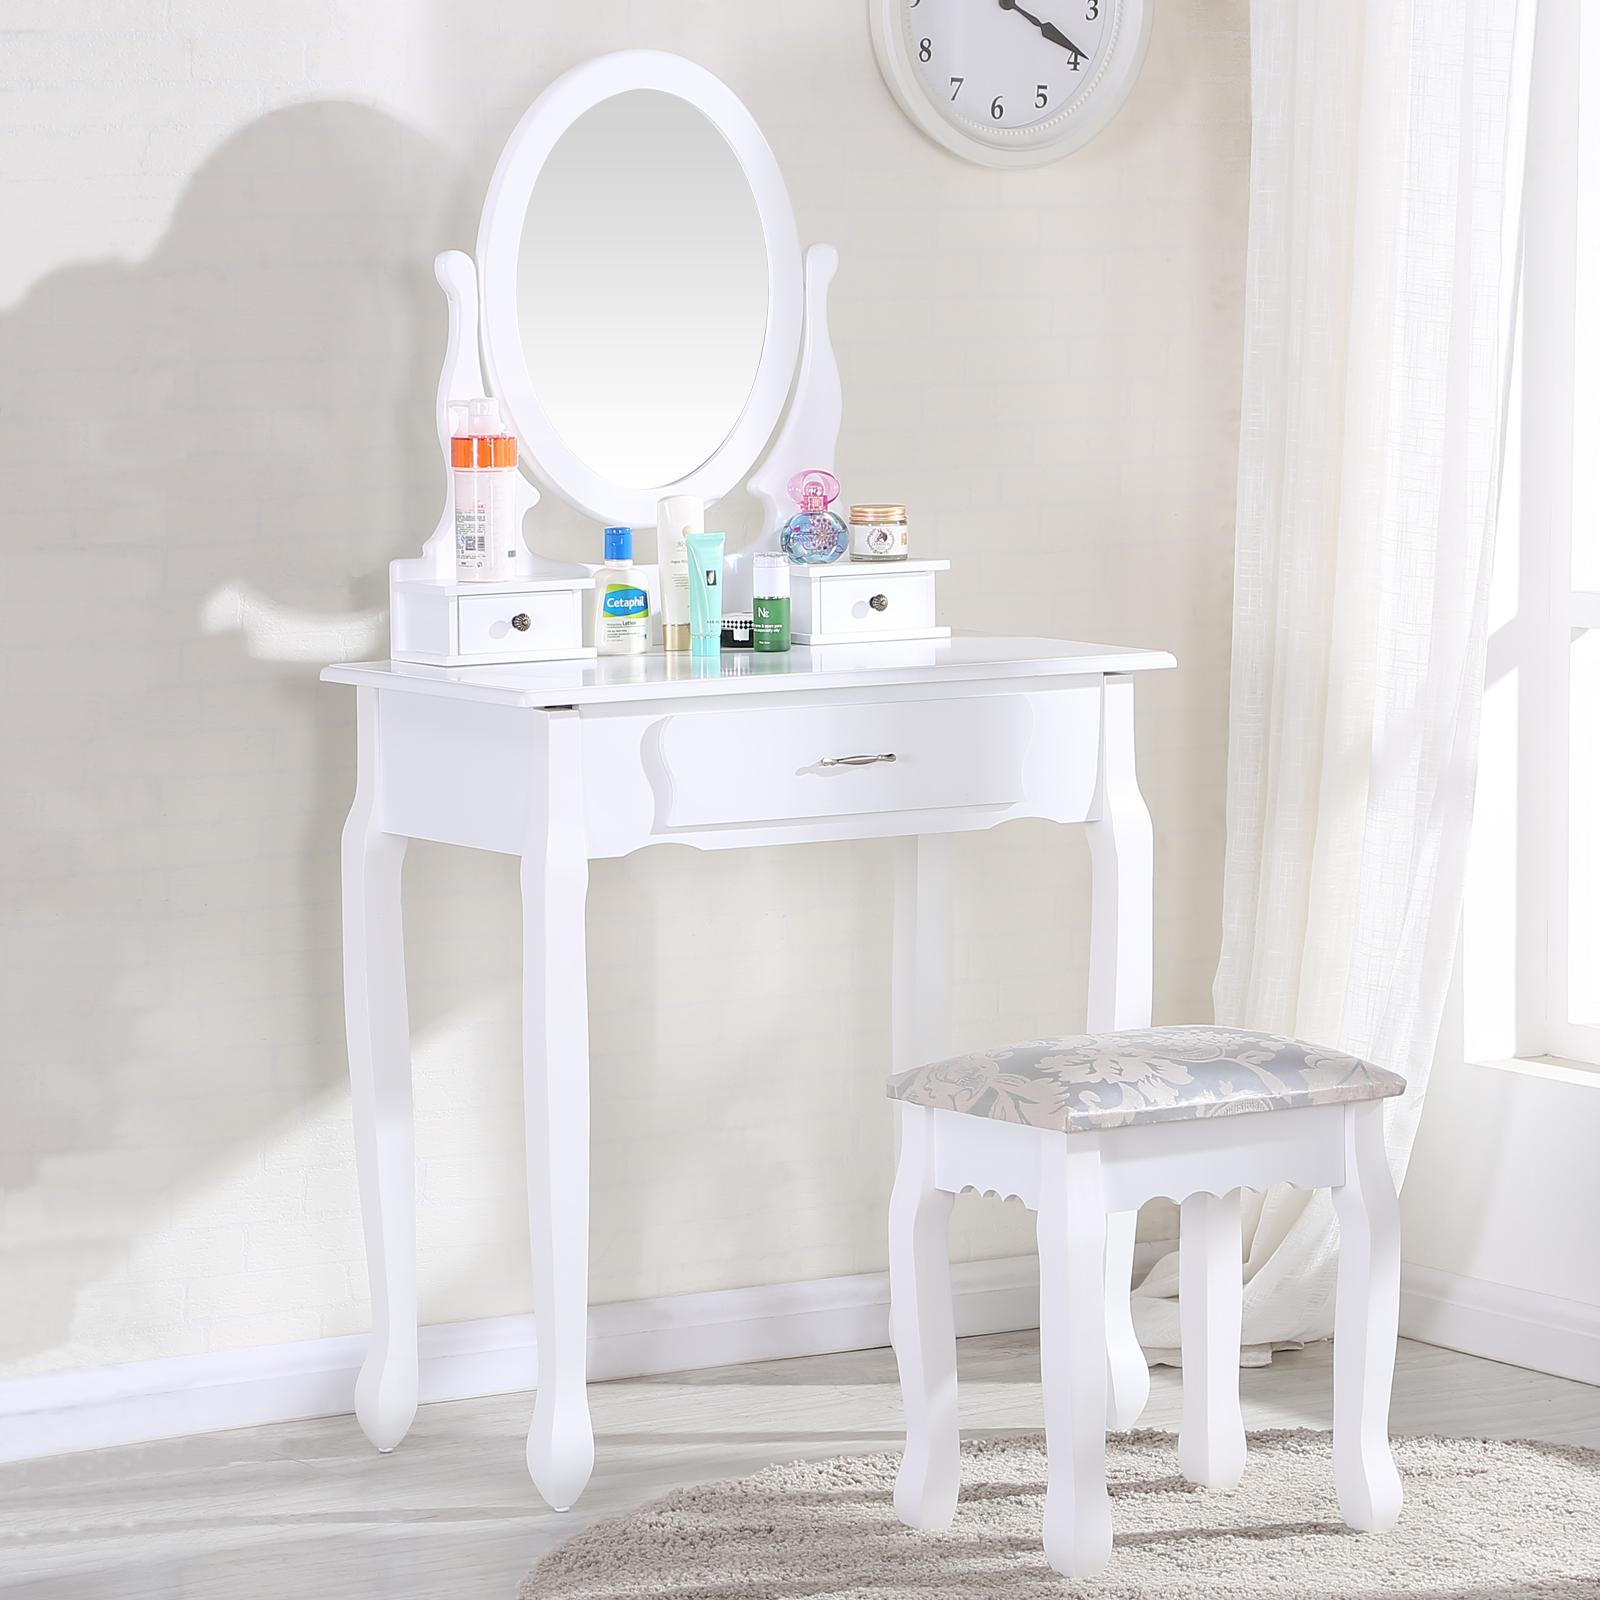 uenjoy schminktisch wei kosmetiktisch mit hocker spiegel 3 schubladen 613617444428 ebay. Black Bedroom Furniture Sets. Home Design Ideas